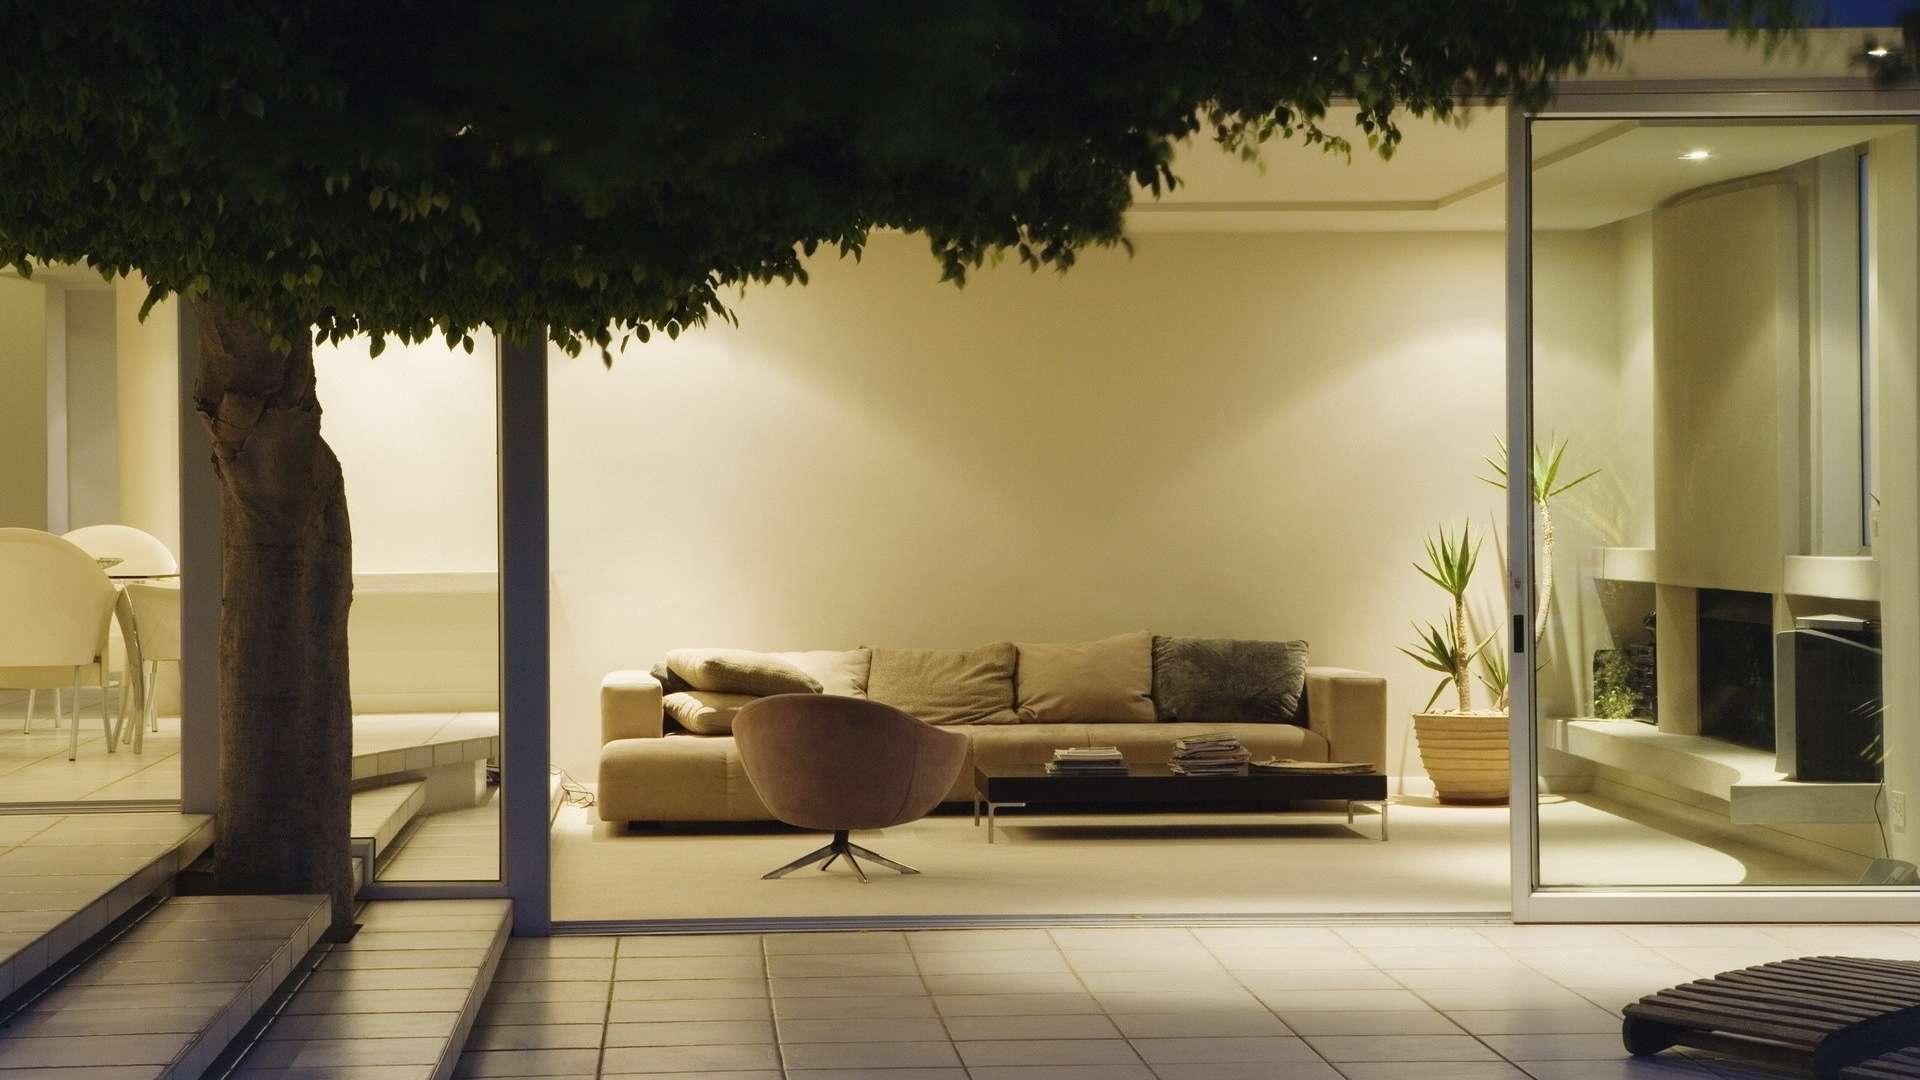 Wallpaper Interior Design Pictures photo - 3